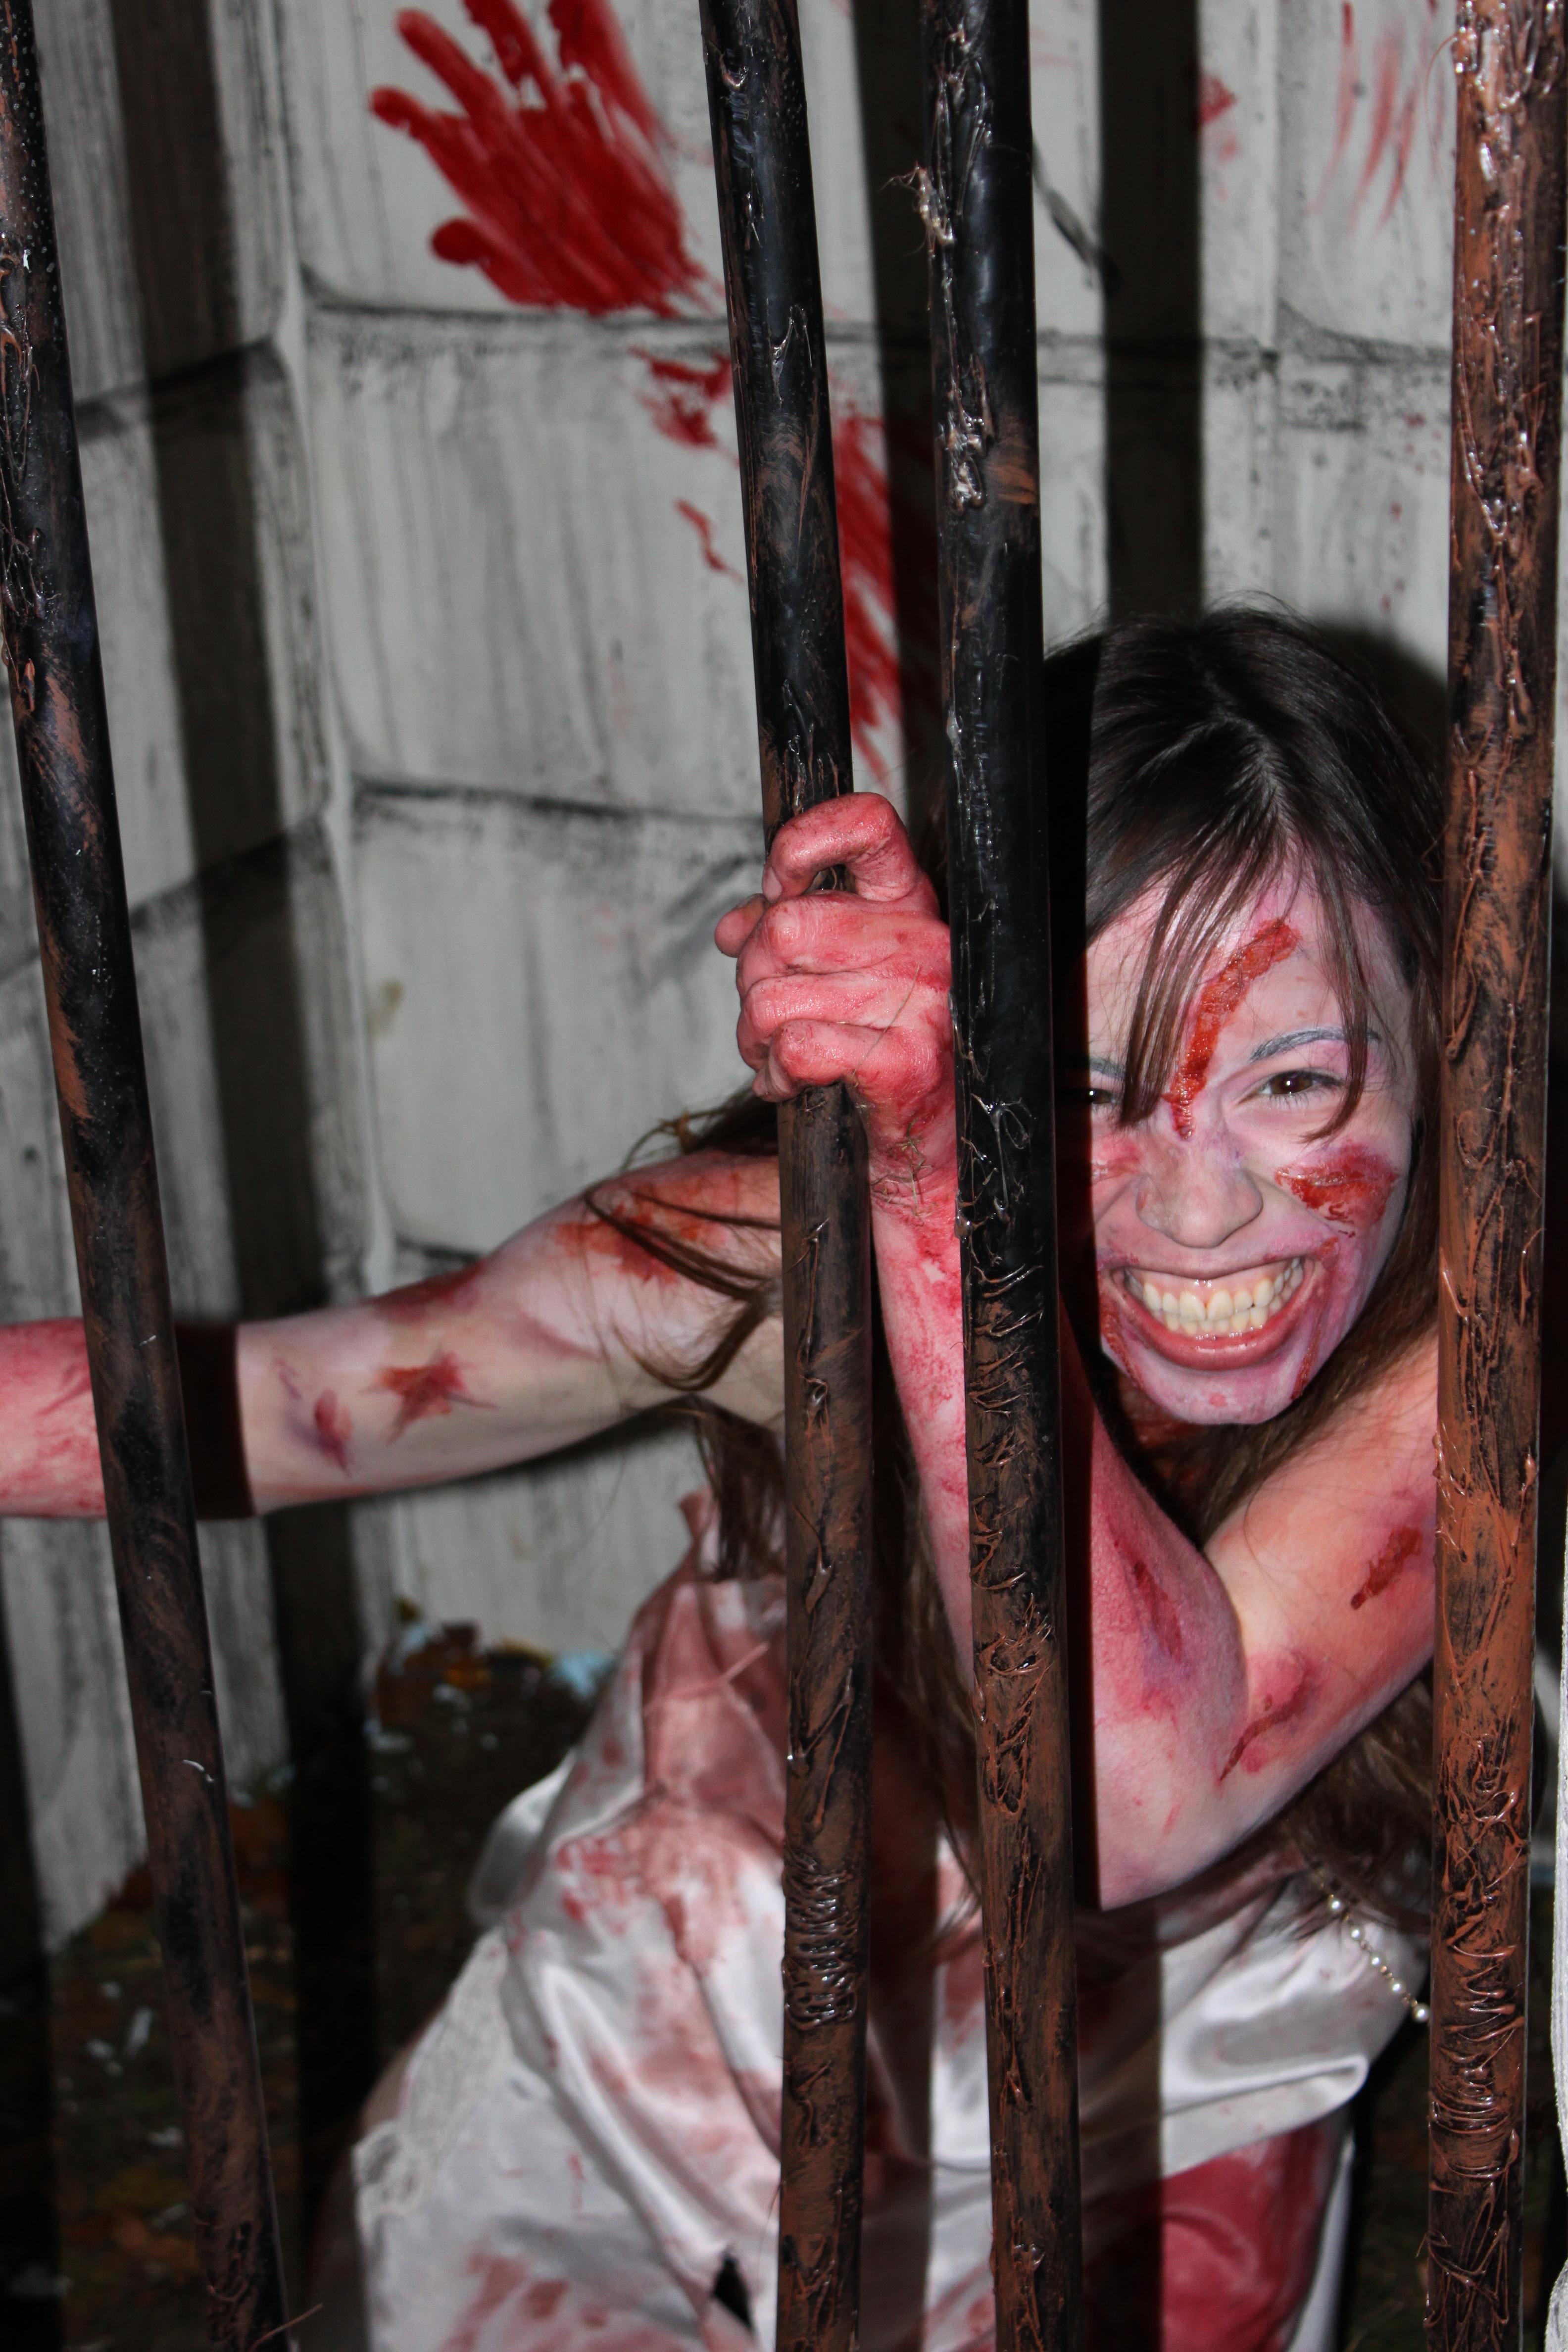 Victim in Jail